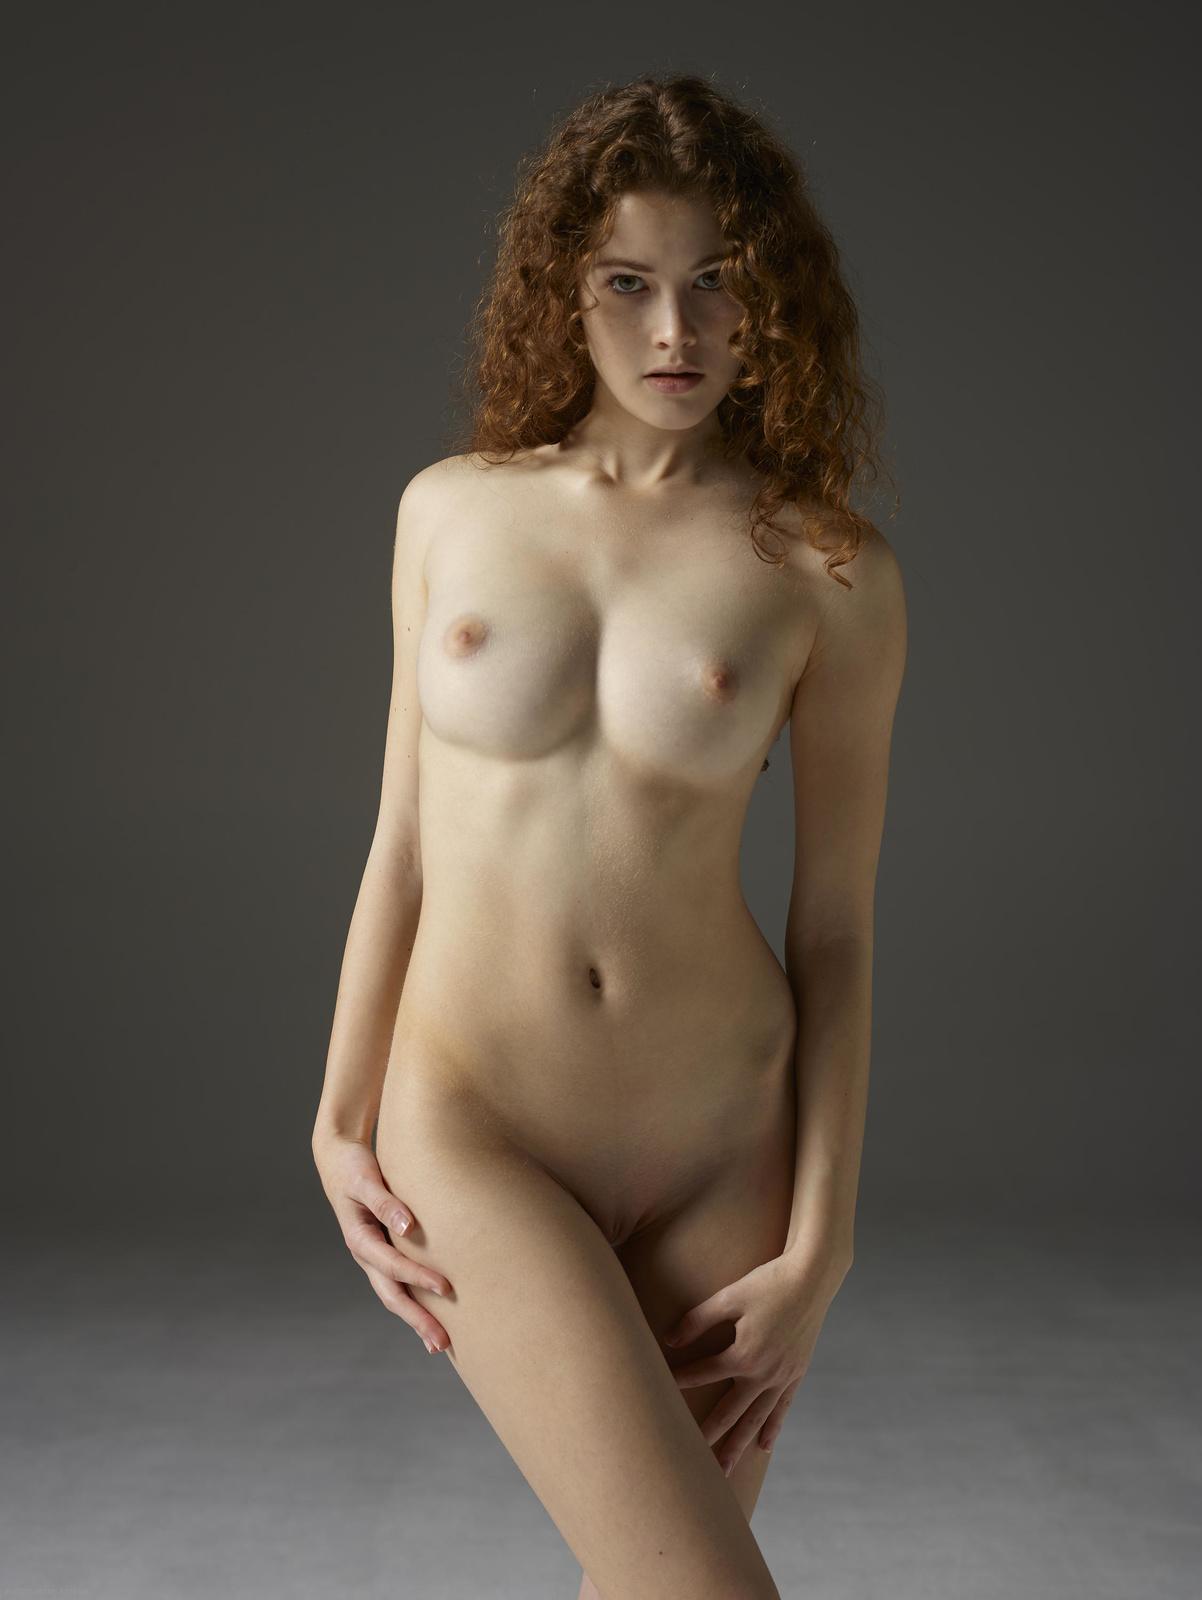 Zdjęcie porno - 147 - Wspaniale zgrabna